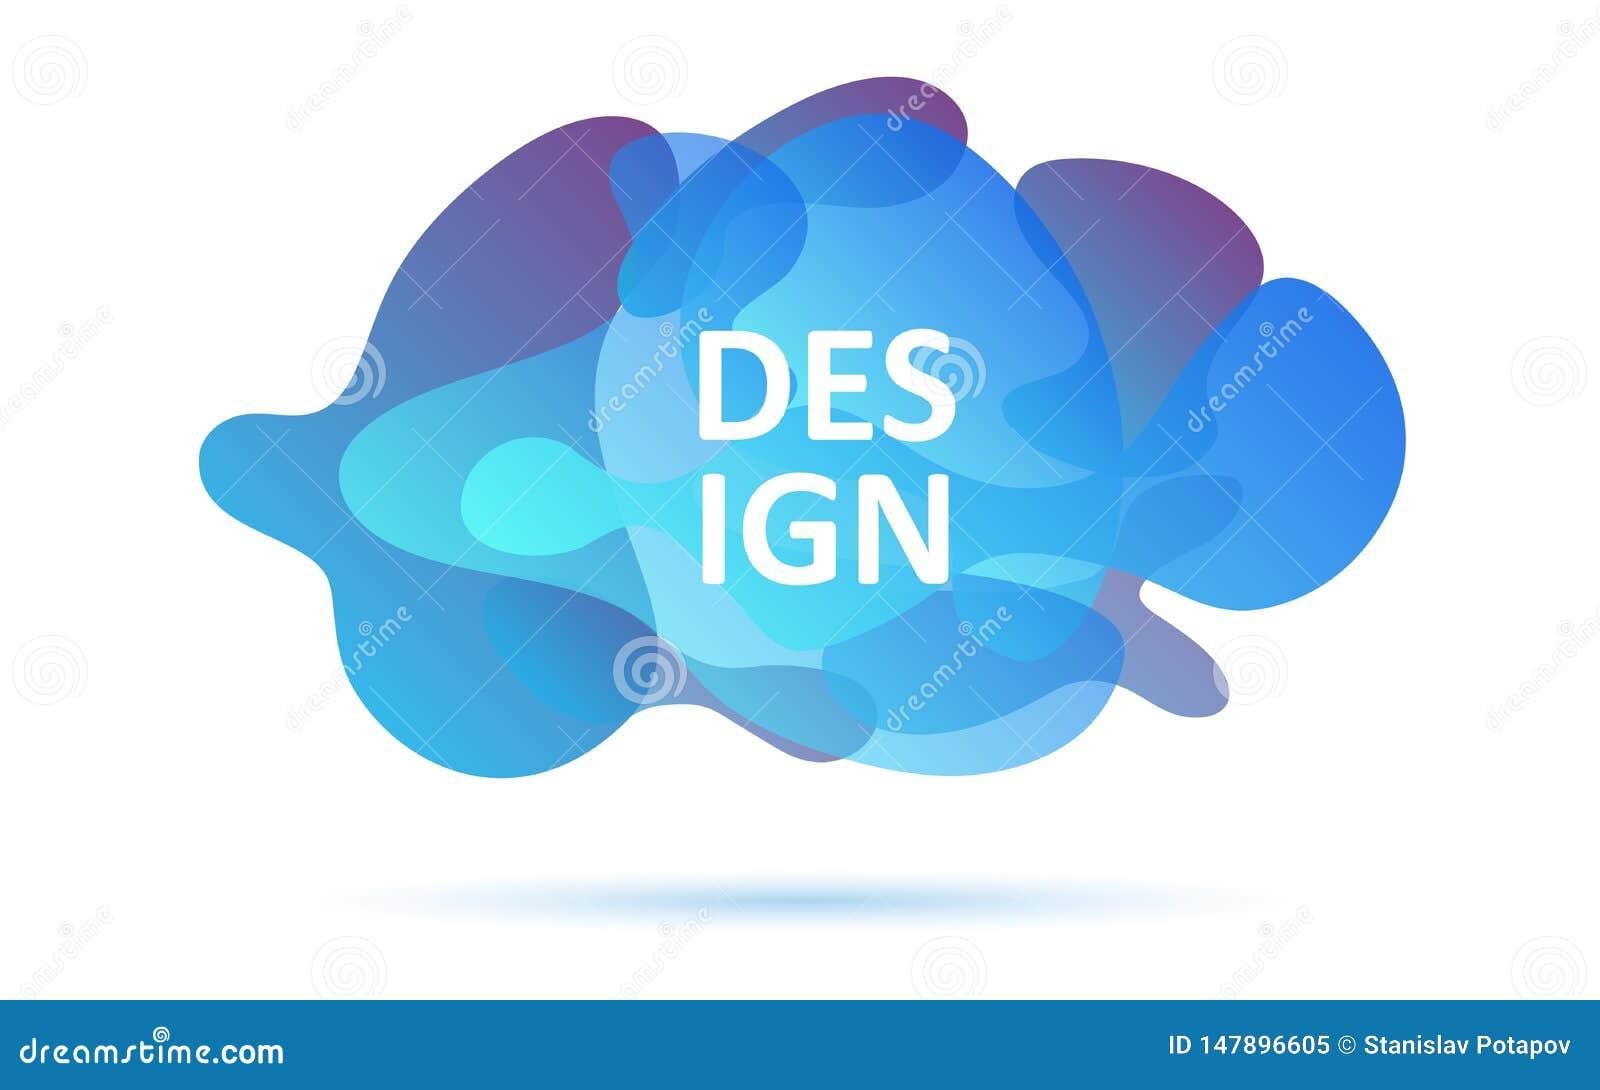 De dynamische vormen, blauwe kleuren, vatten modern grafisch element samen